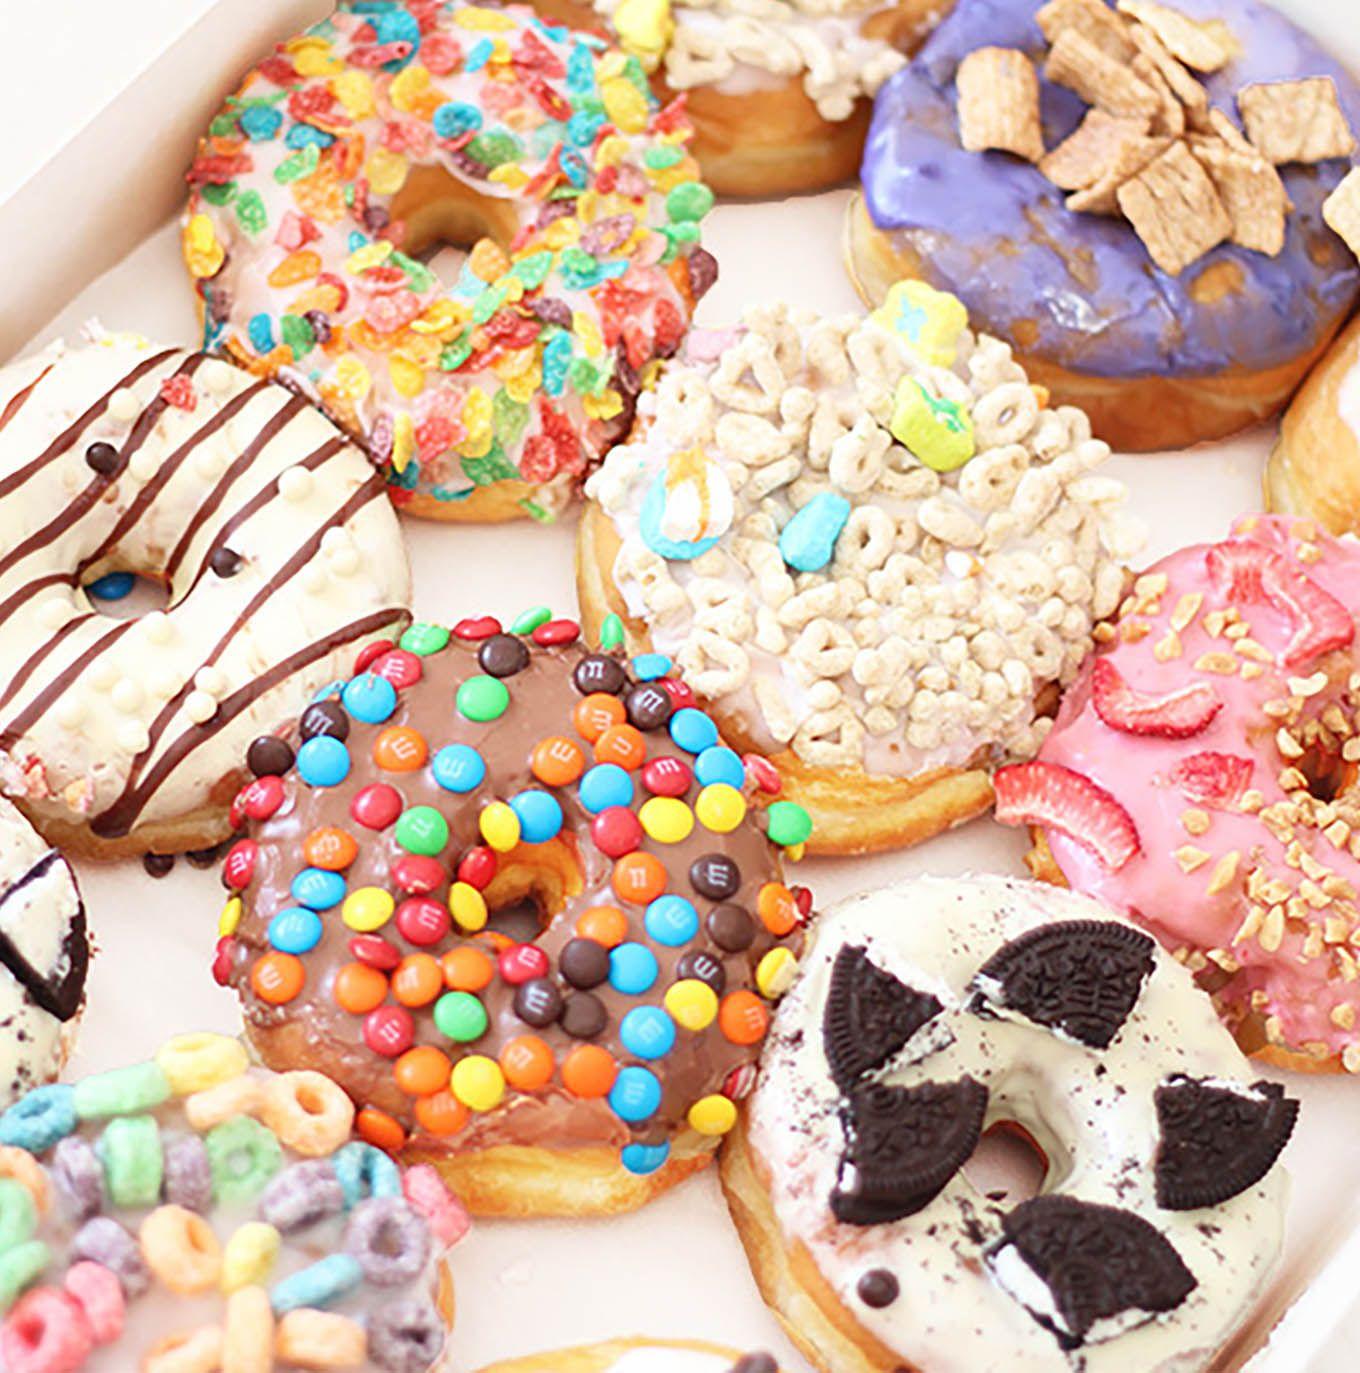 5 Best Dessert Spots In La Hello Fashion California Donuts Fun Desserts Dessert Places